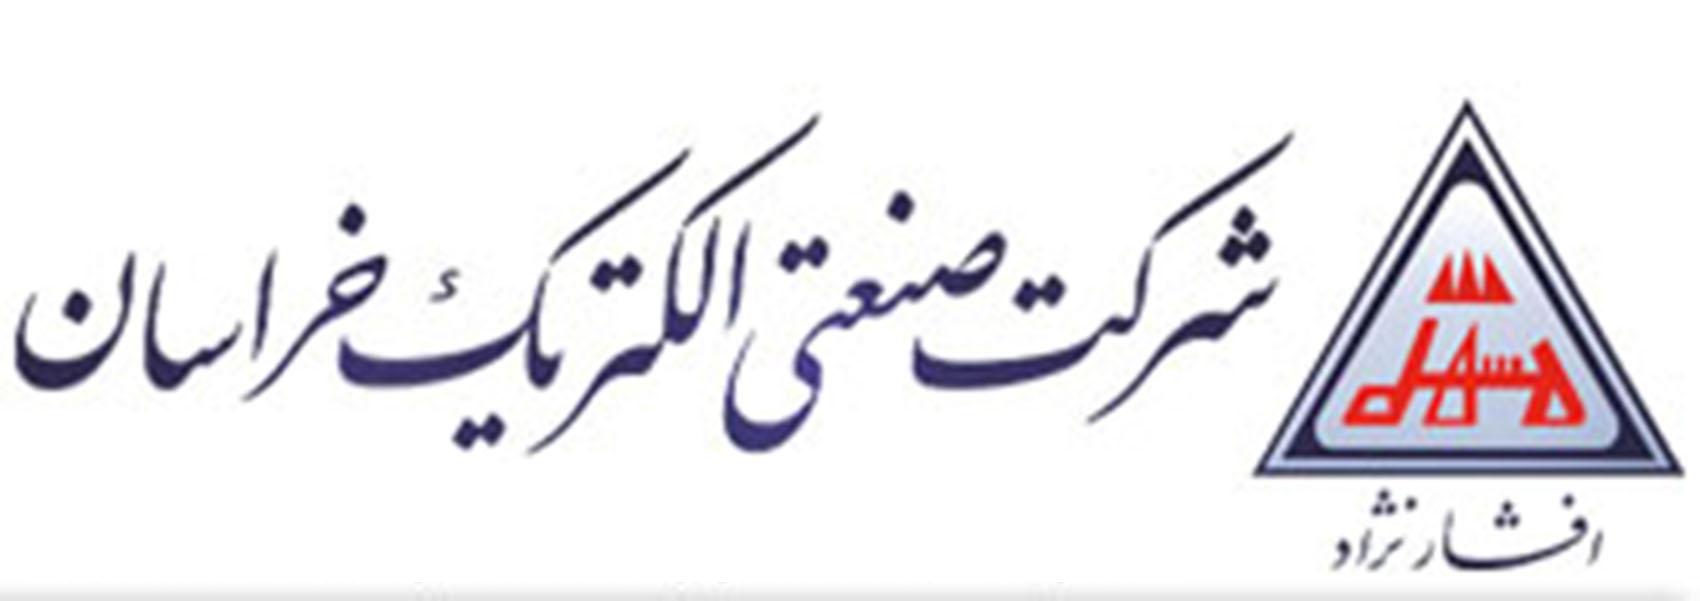 فروش سیم وکابل خراسان افشارنژاد-pic1